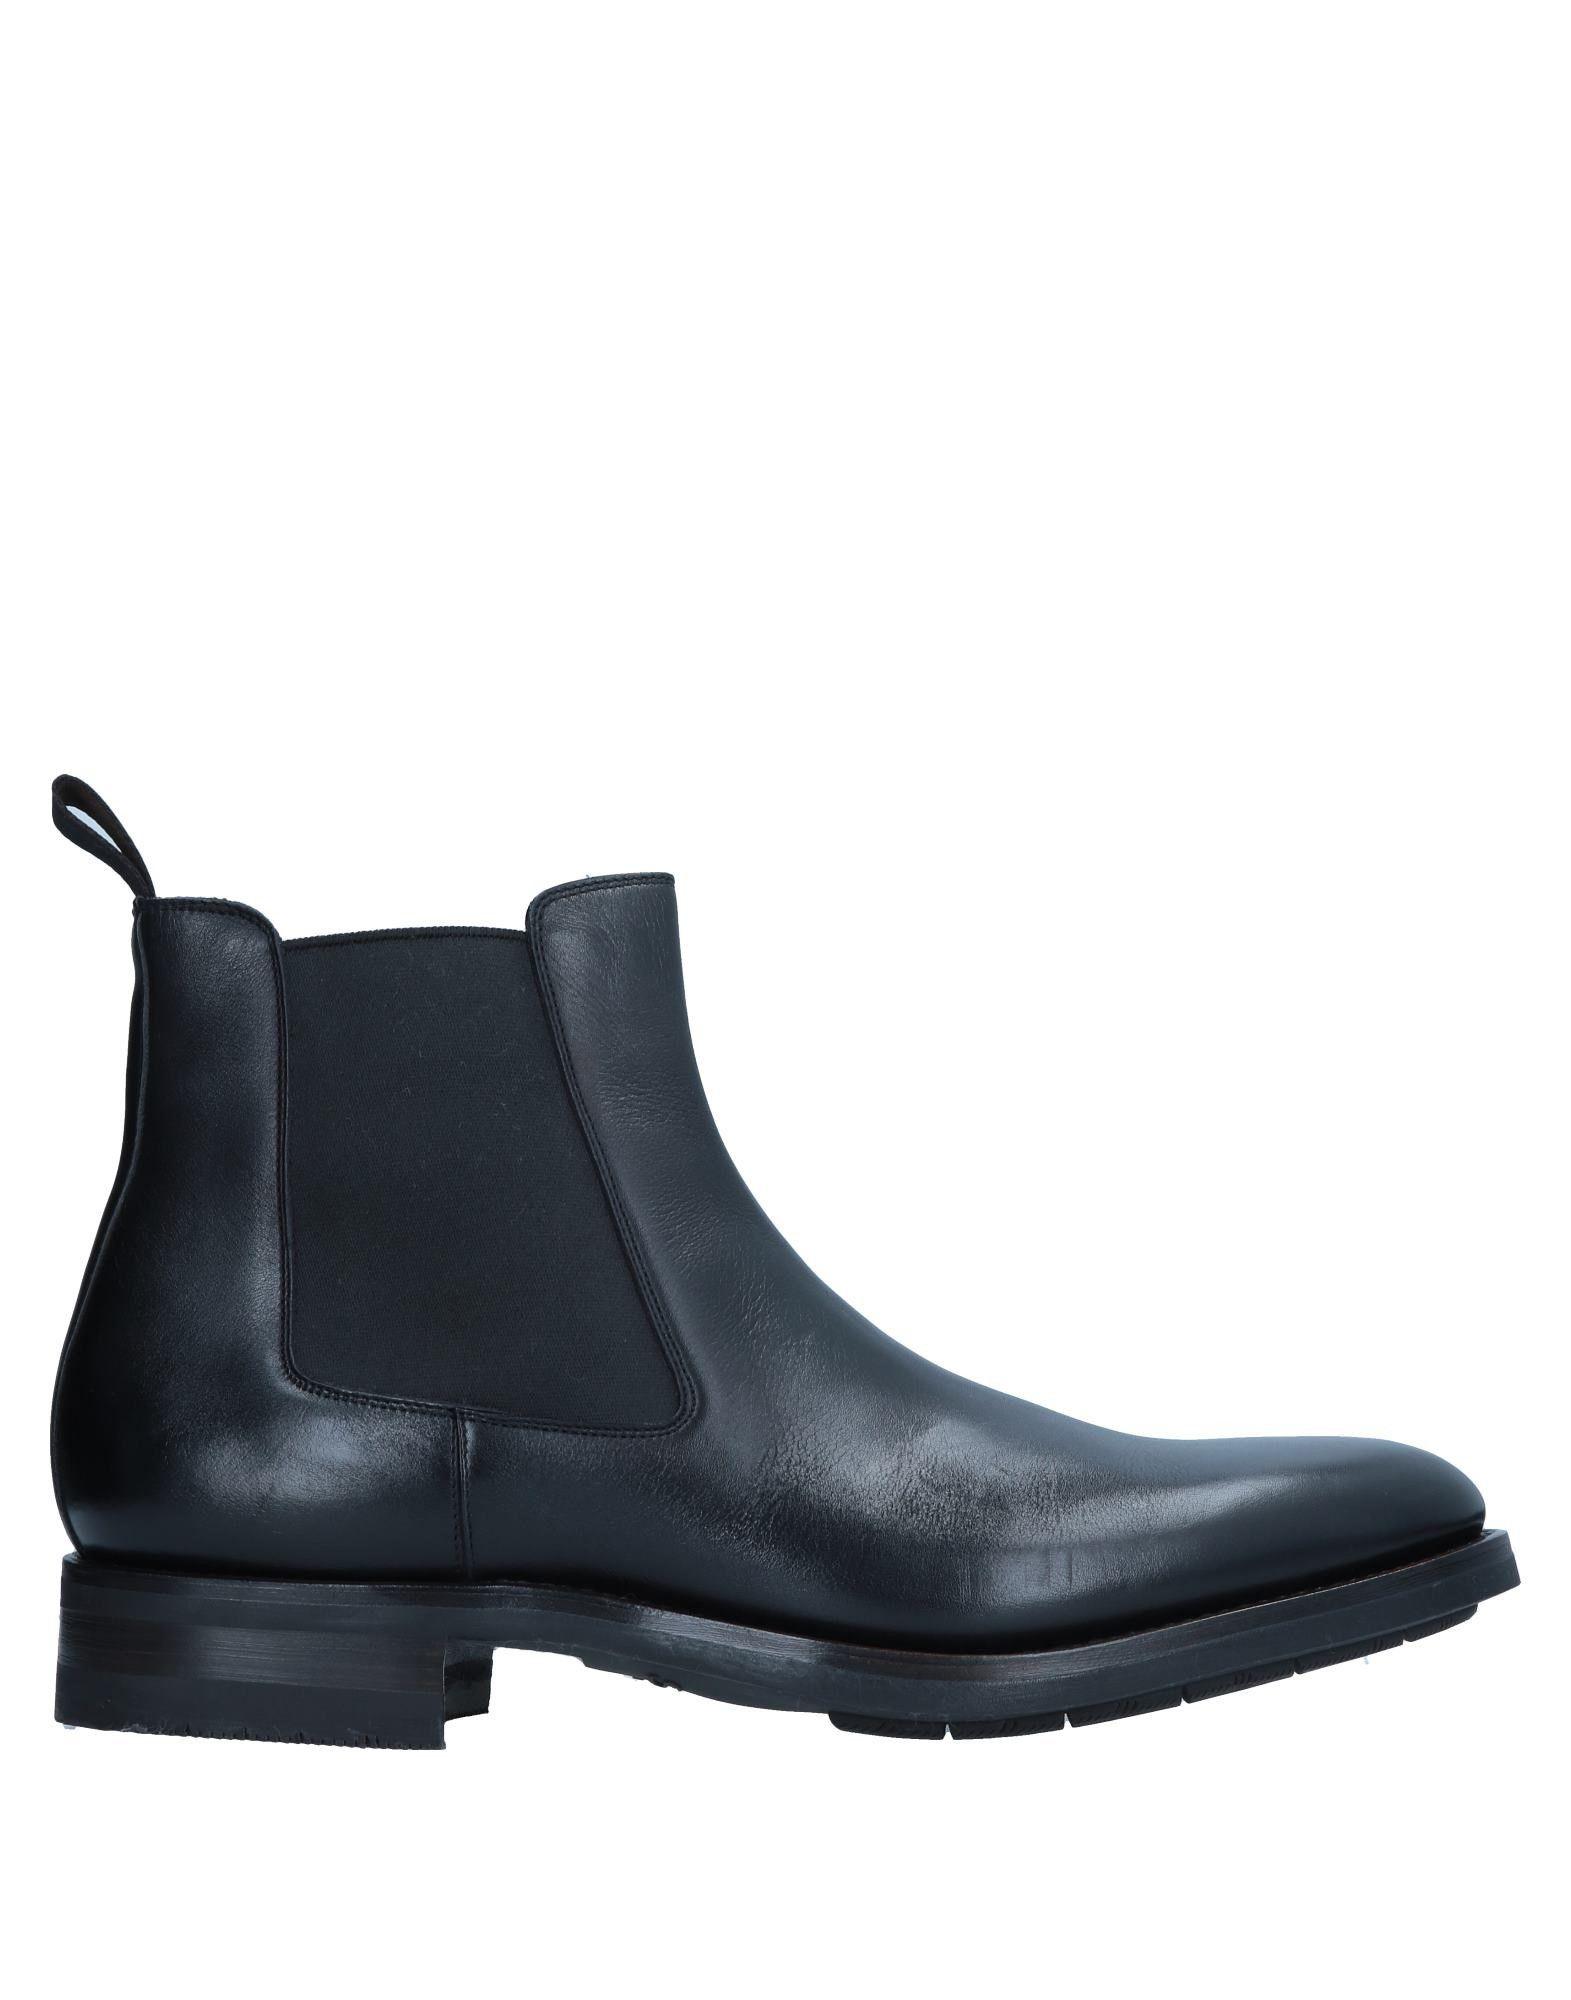 Santoni Stiefelette Herren  11543635SG Gute Qualität beliebte Schuhe